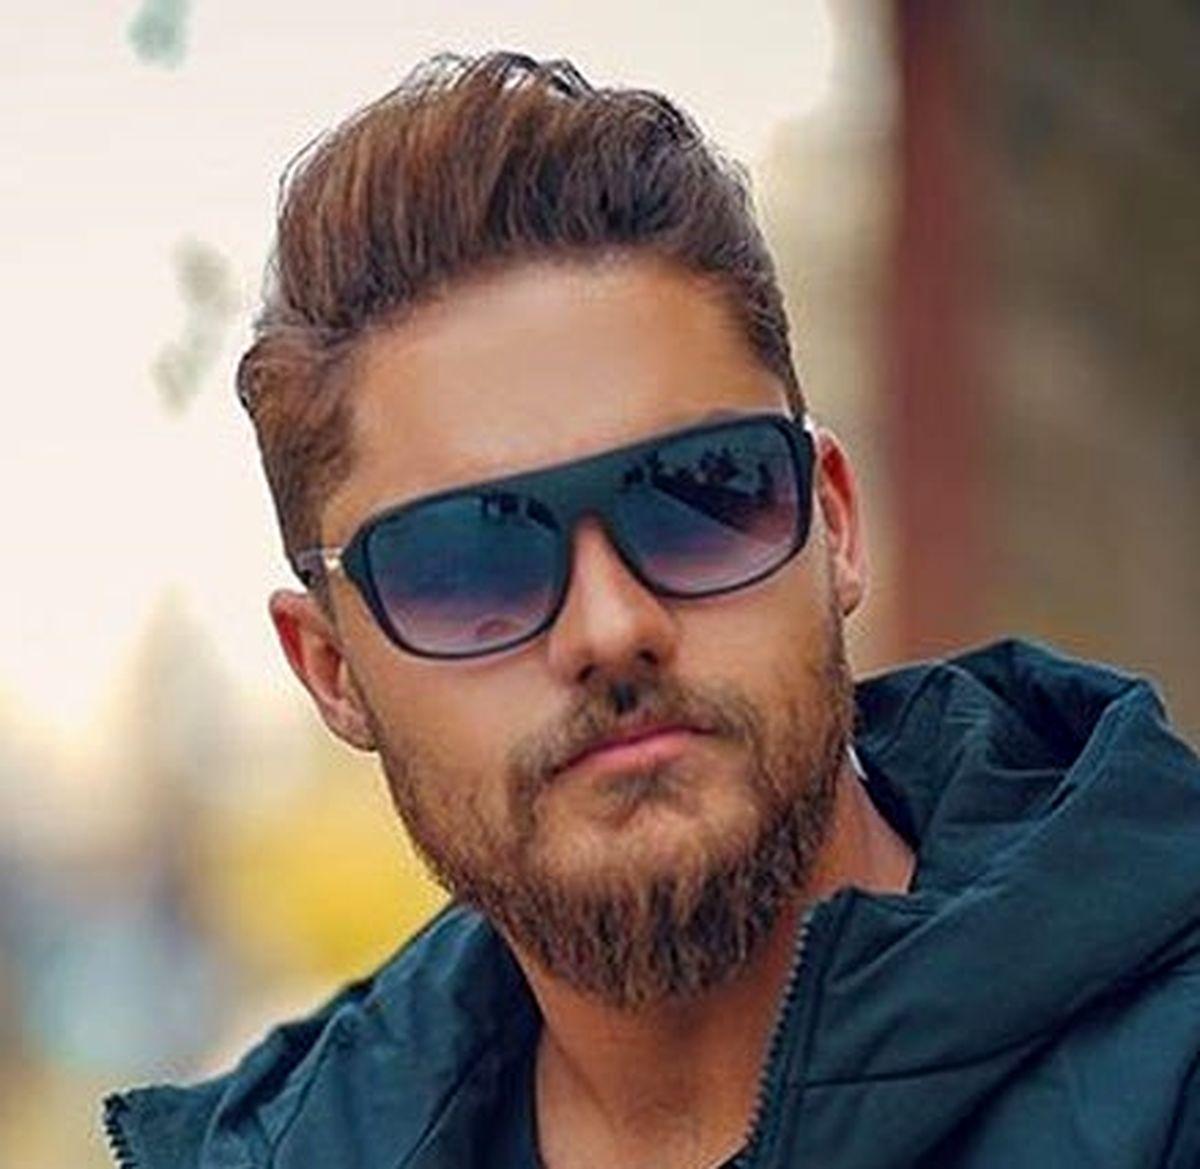 دانلود آهنگ جدید علی خدابنده بنام جذابیت+موزیک